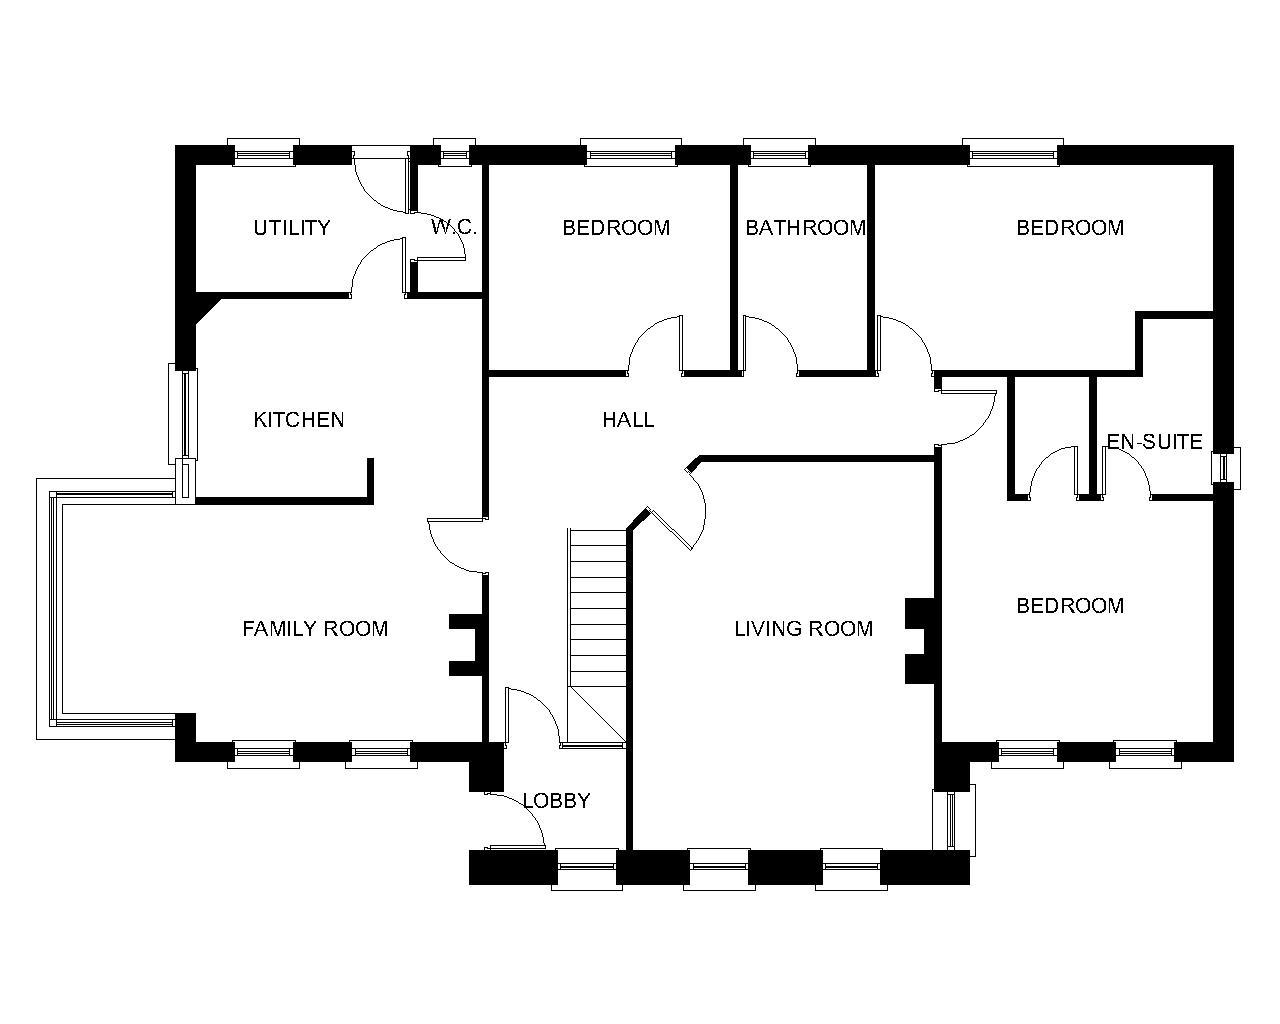 3 Bedroom Dormer Bungalow Plans – Home Ideas Decor